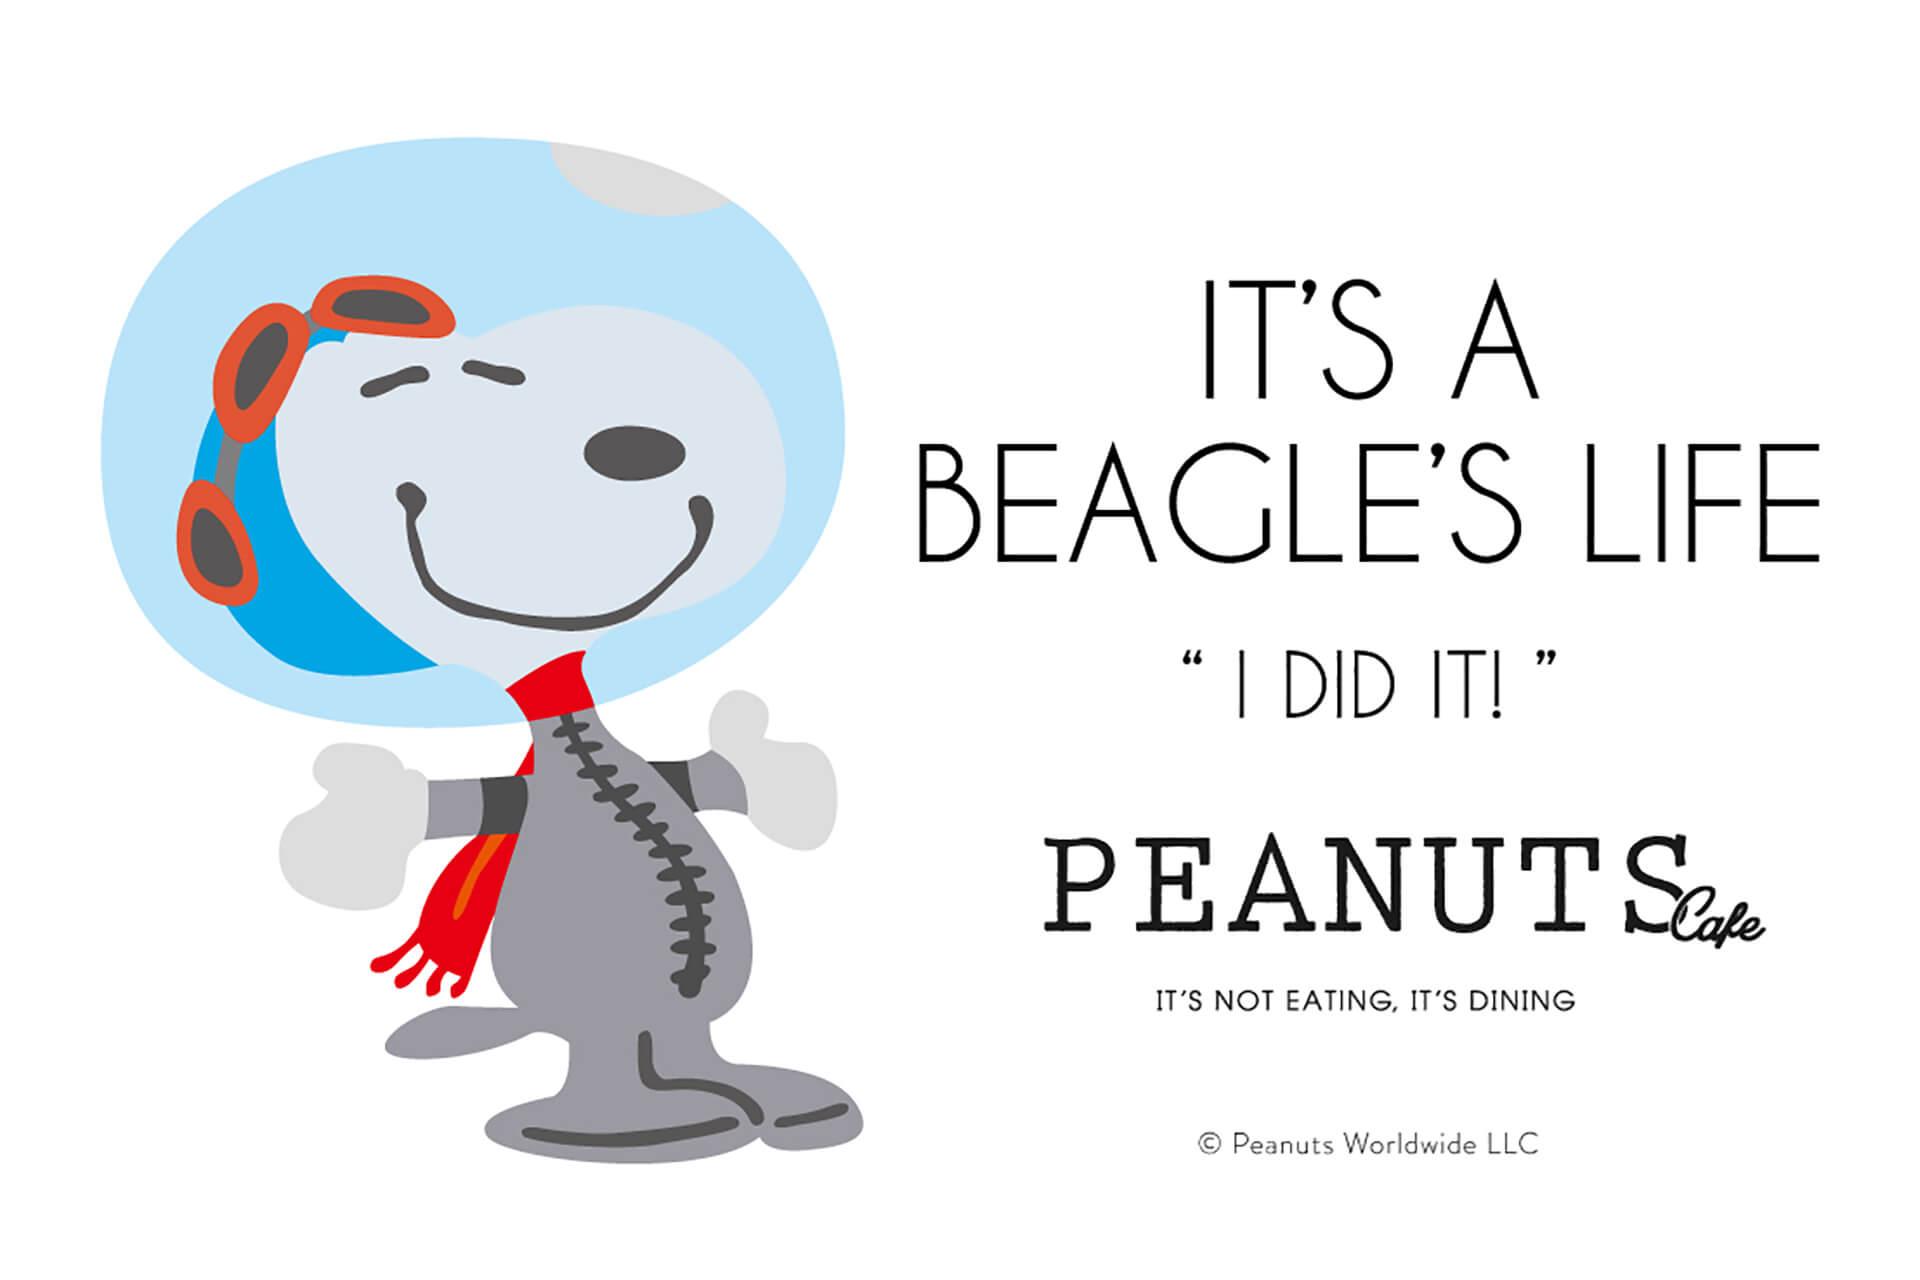 この写真は「PEANUTS Cafe」「PEANUTS DINER」全店開催中の、変装シリーズフェアの告知用バーナーです。宇宙飛行士に扮したスヌーピーのイラストです